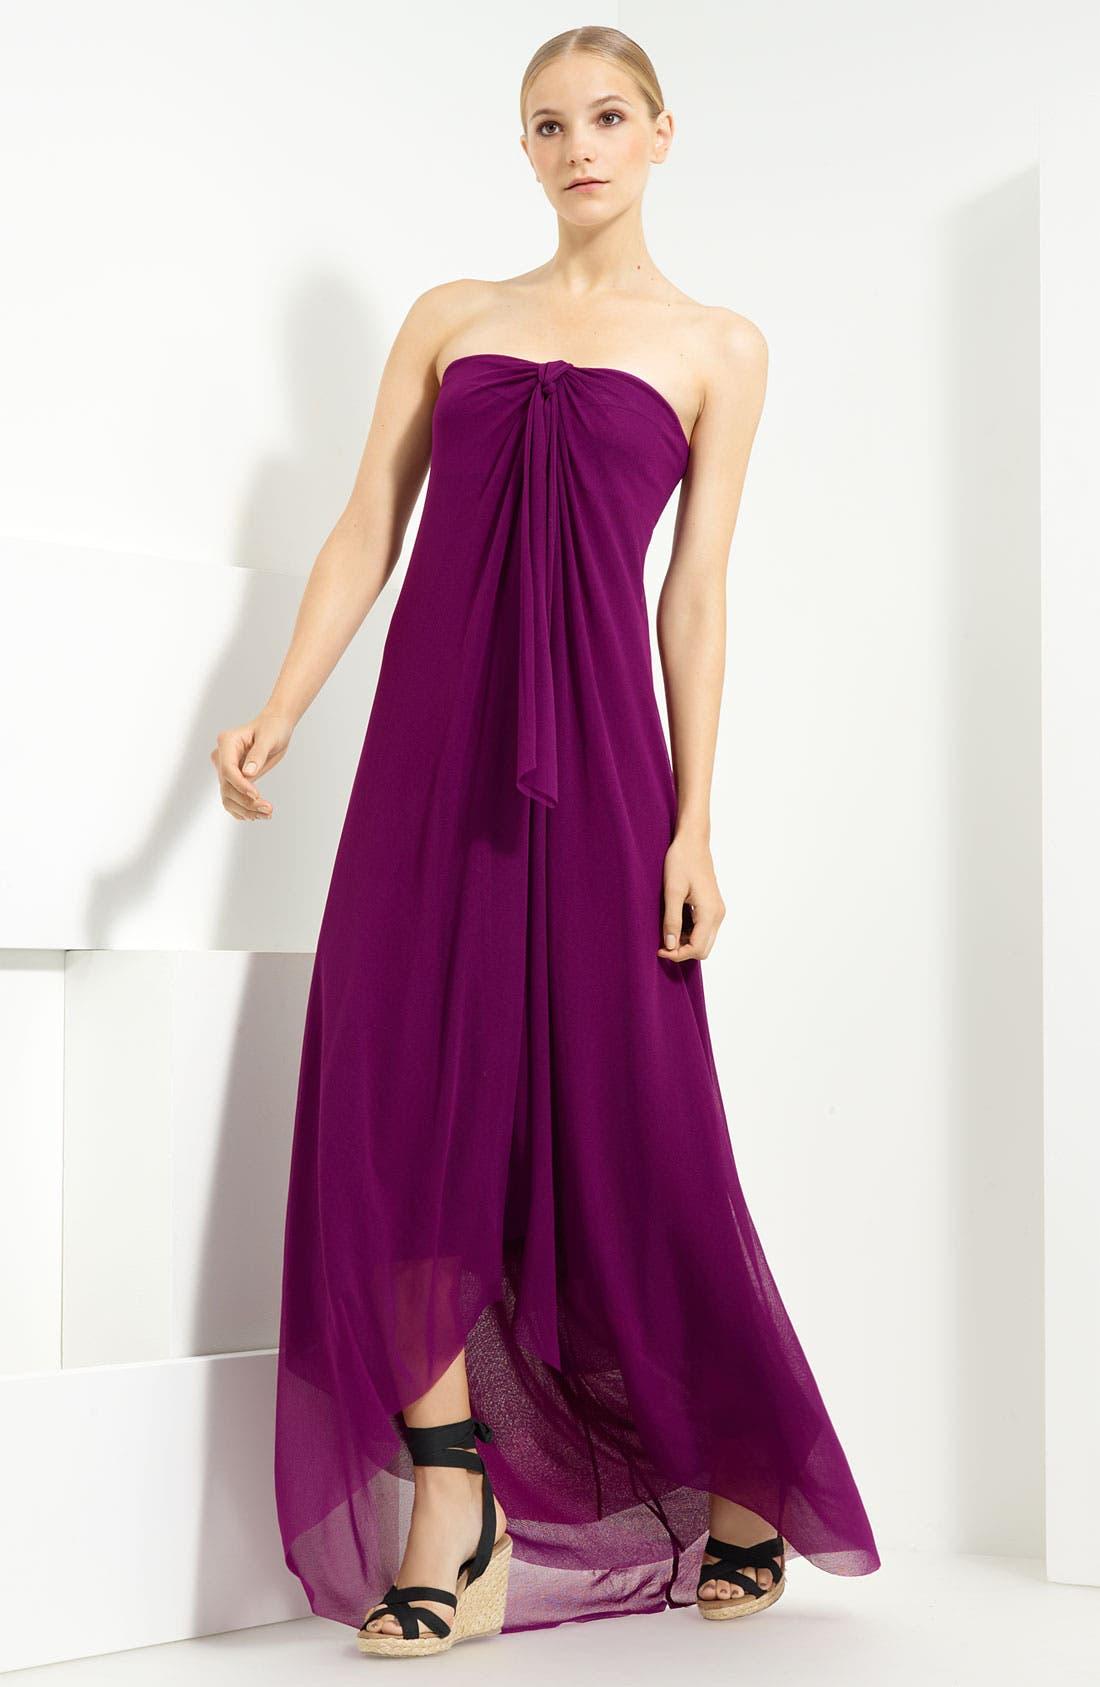 Alternate Image 1 Selected - Jean Paul Gaultier Fuzzi Tulle Halter Maxi Dress